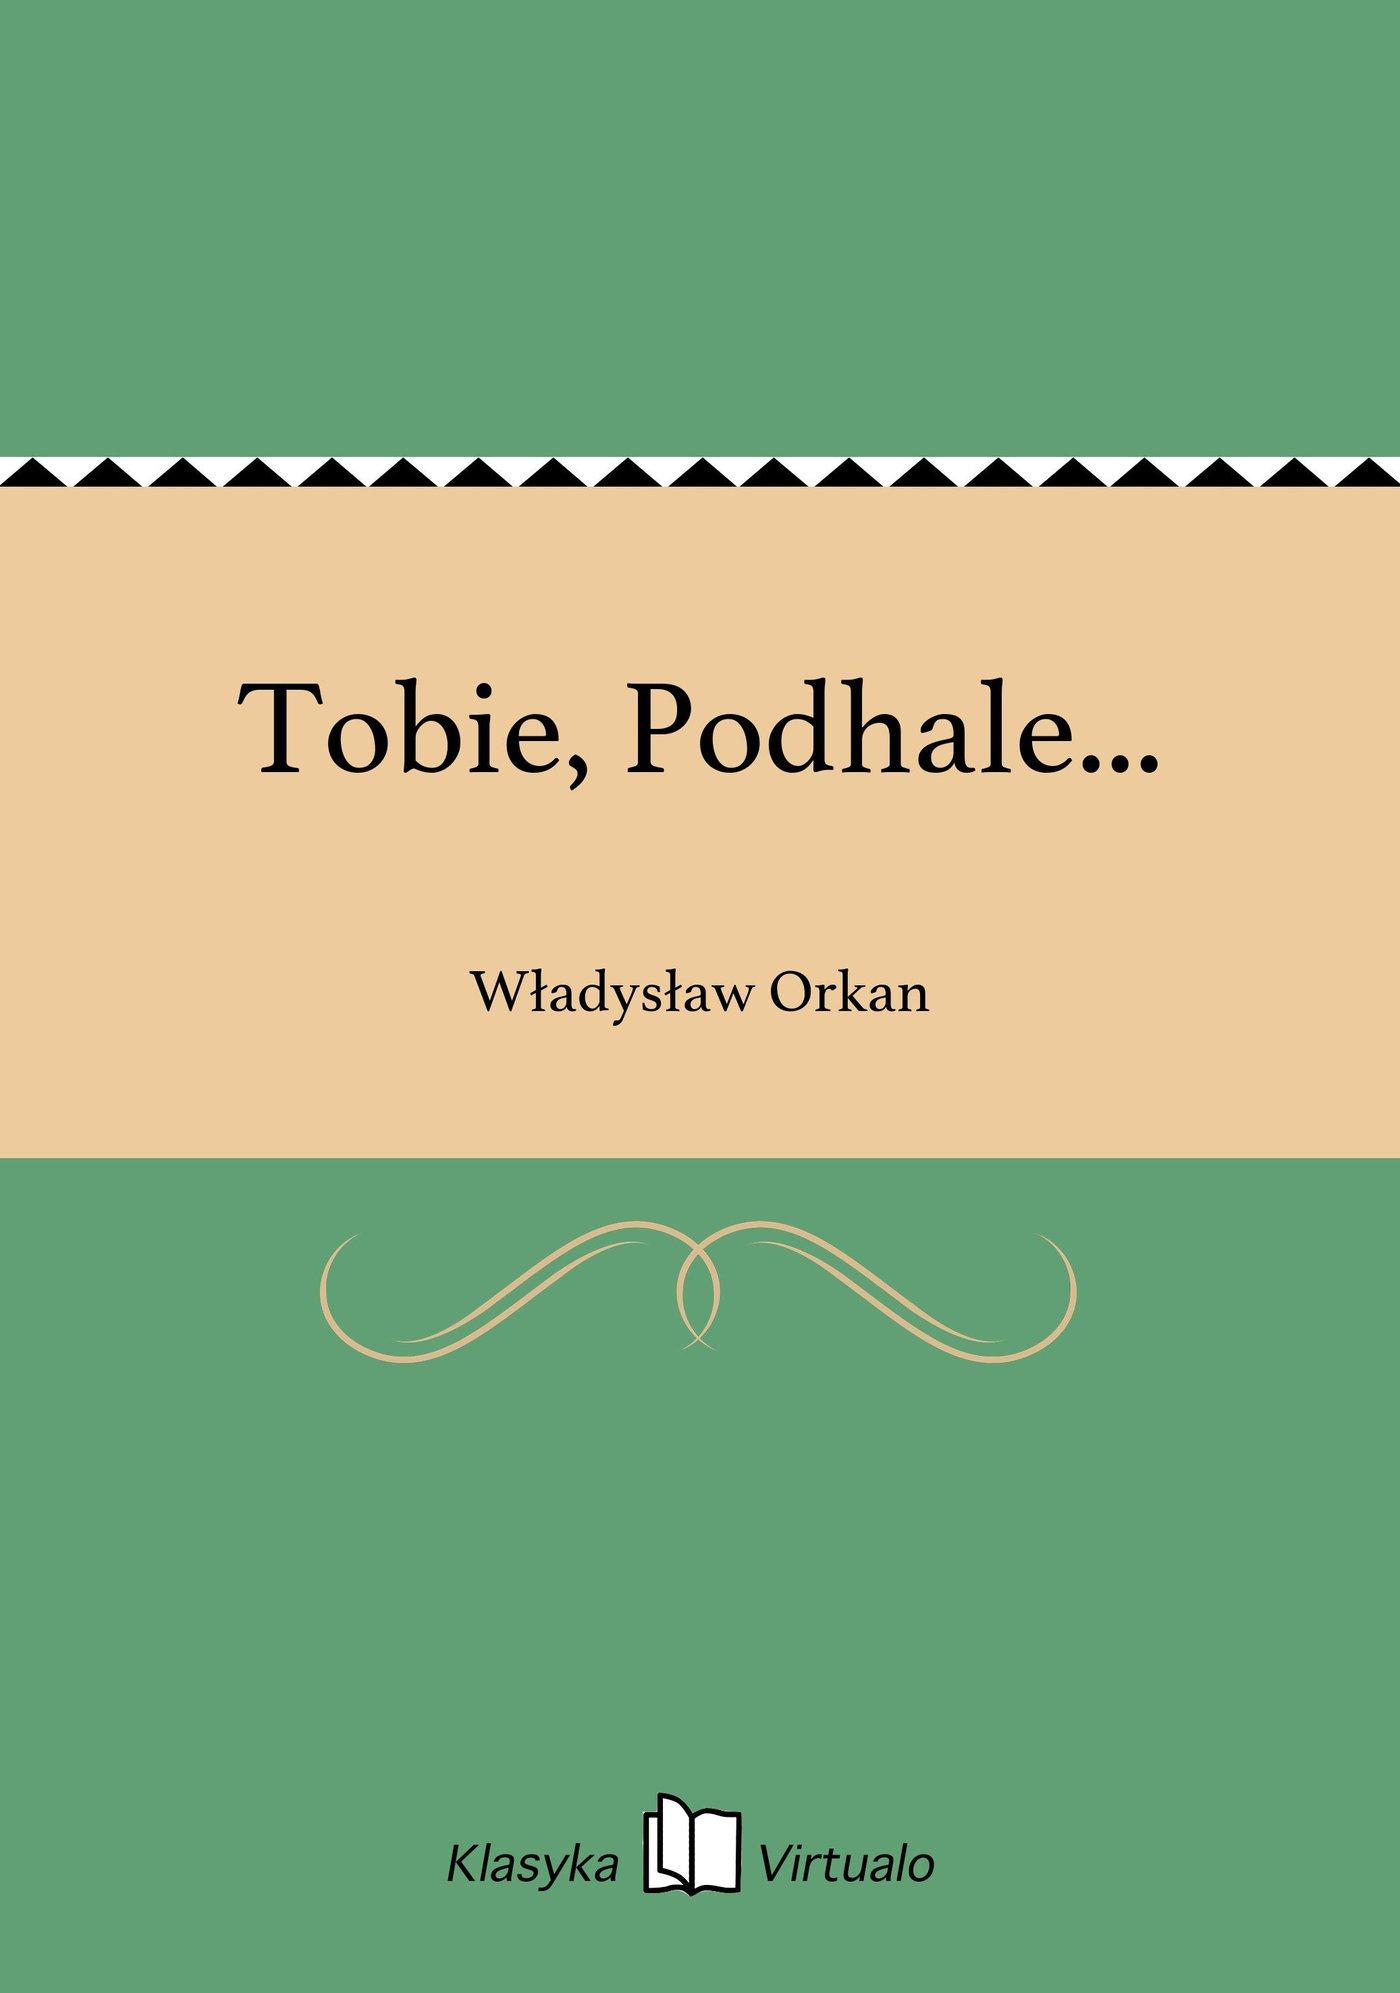 Tobie, Podhale... - Ebook (Książka EPUB) do pobrania w formacie EPUB